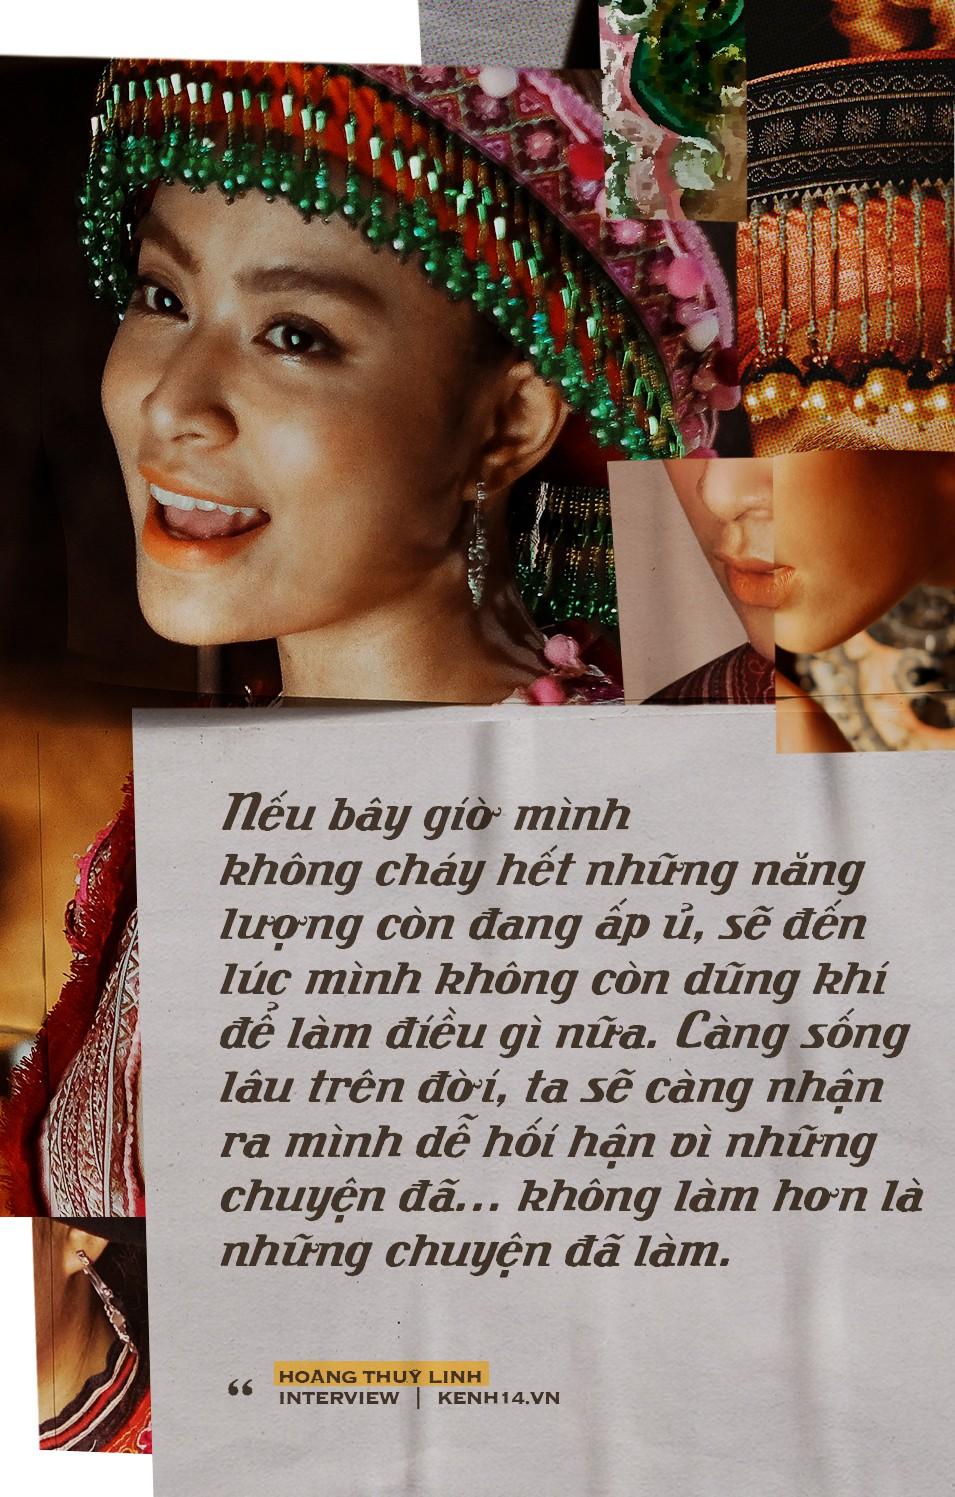 """""""Vợ chồng A Phủ"""" có ý nghĩa đặc biệt với Hoàng Thuỳ Linh, vì đó là tác phẩm giúp Linh đậu đại học - Ảnh 2."""